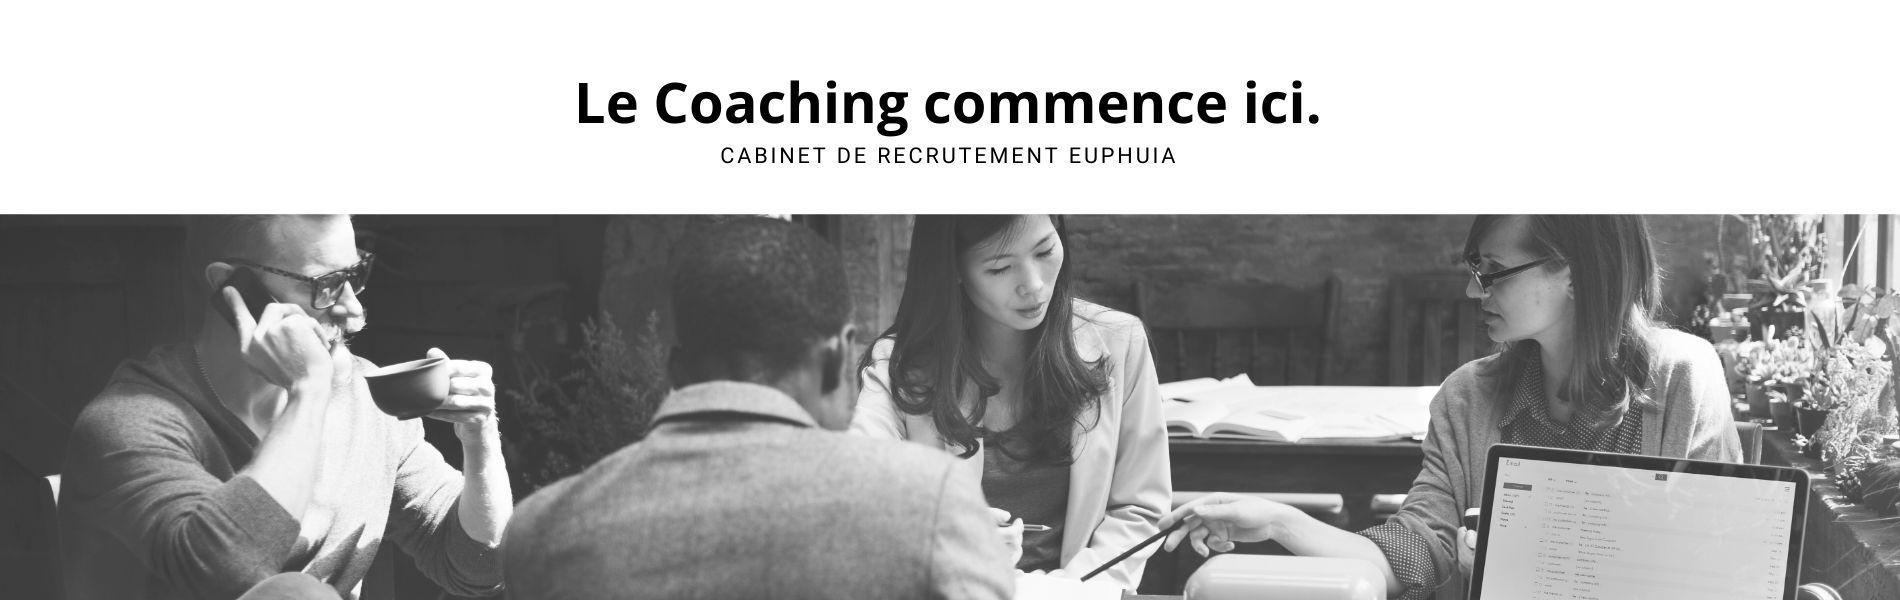 Coaching Entreprise Paris : Le conseil